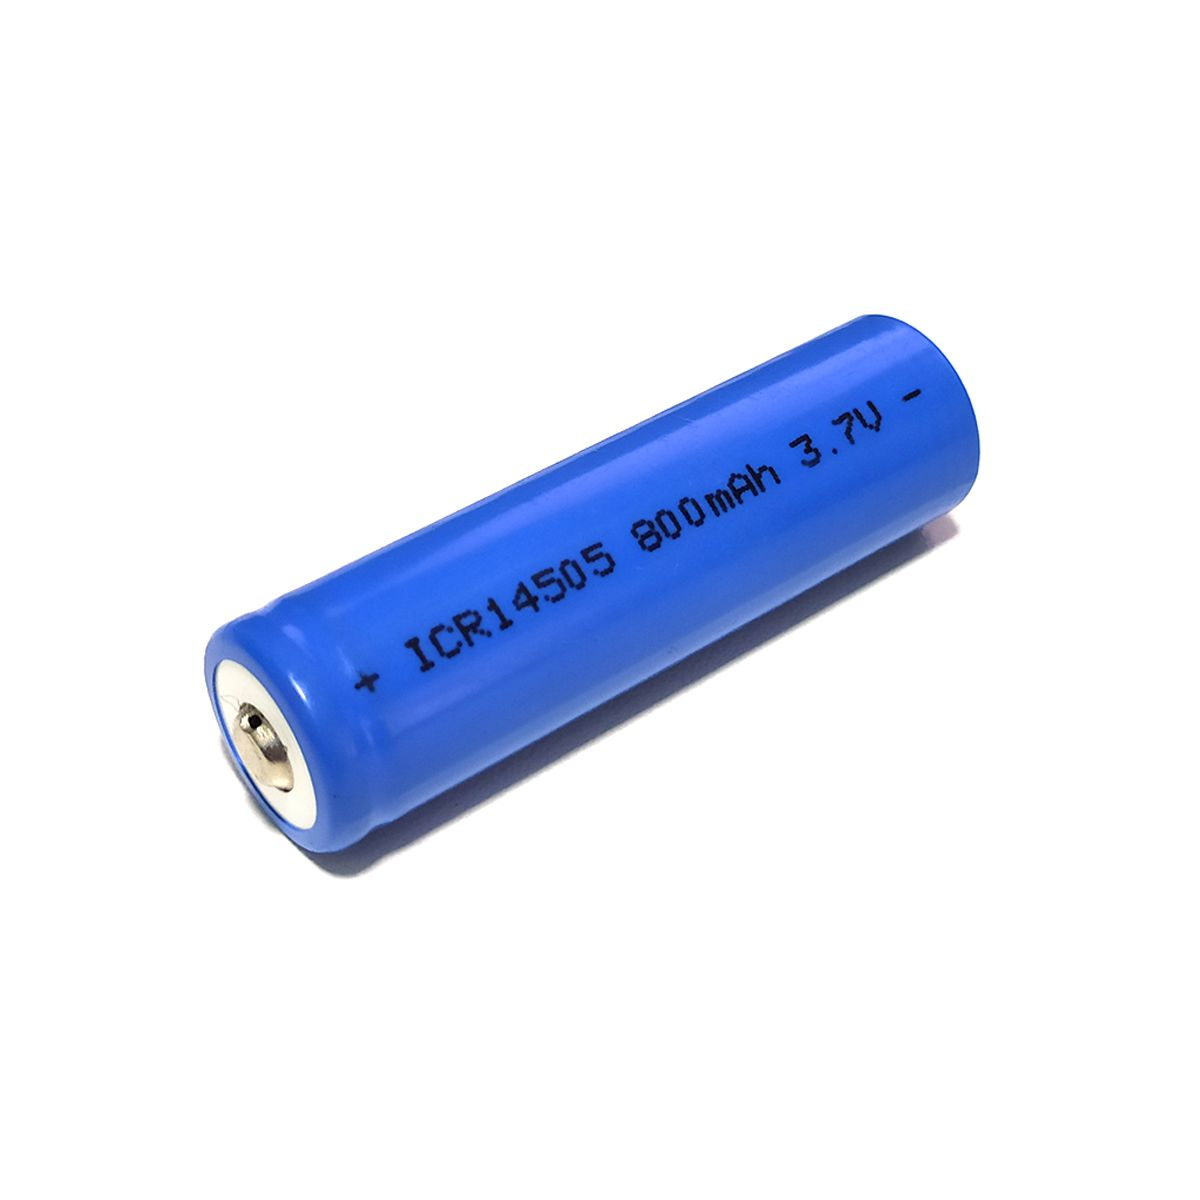 1x Bateria 3,7V 14505 de Lítio Recarregável - Tamanho AA